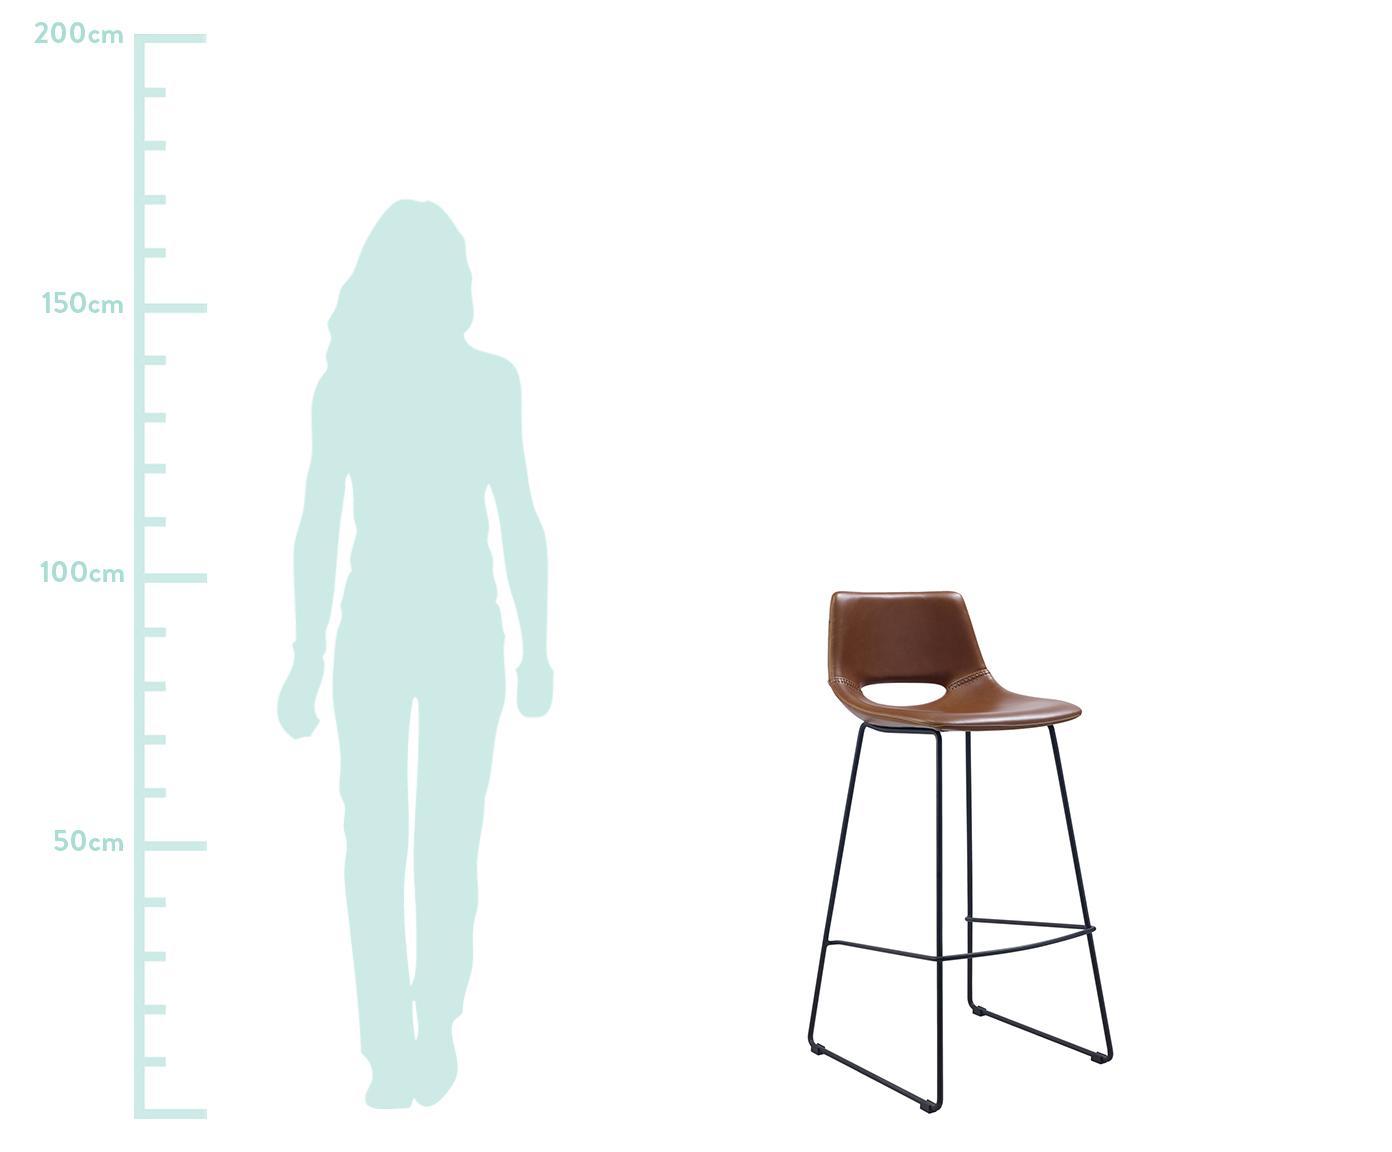 Kunstleder-Barstühle Zahara, 2 Stück, Sitzfläche: Kunstleder, Beine: Metall, lackiert, Braun, 47 x 98 cm